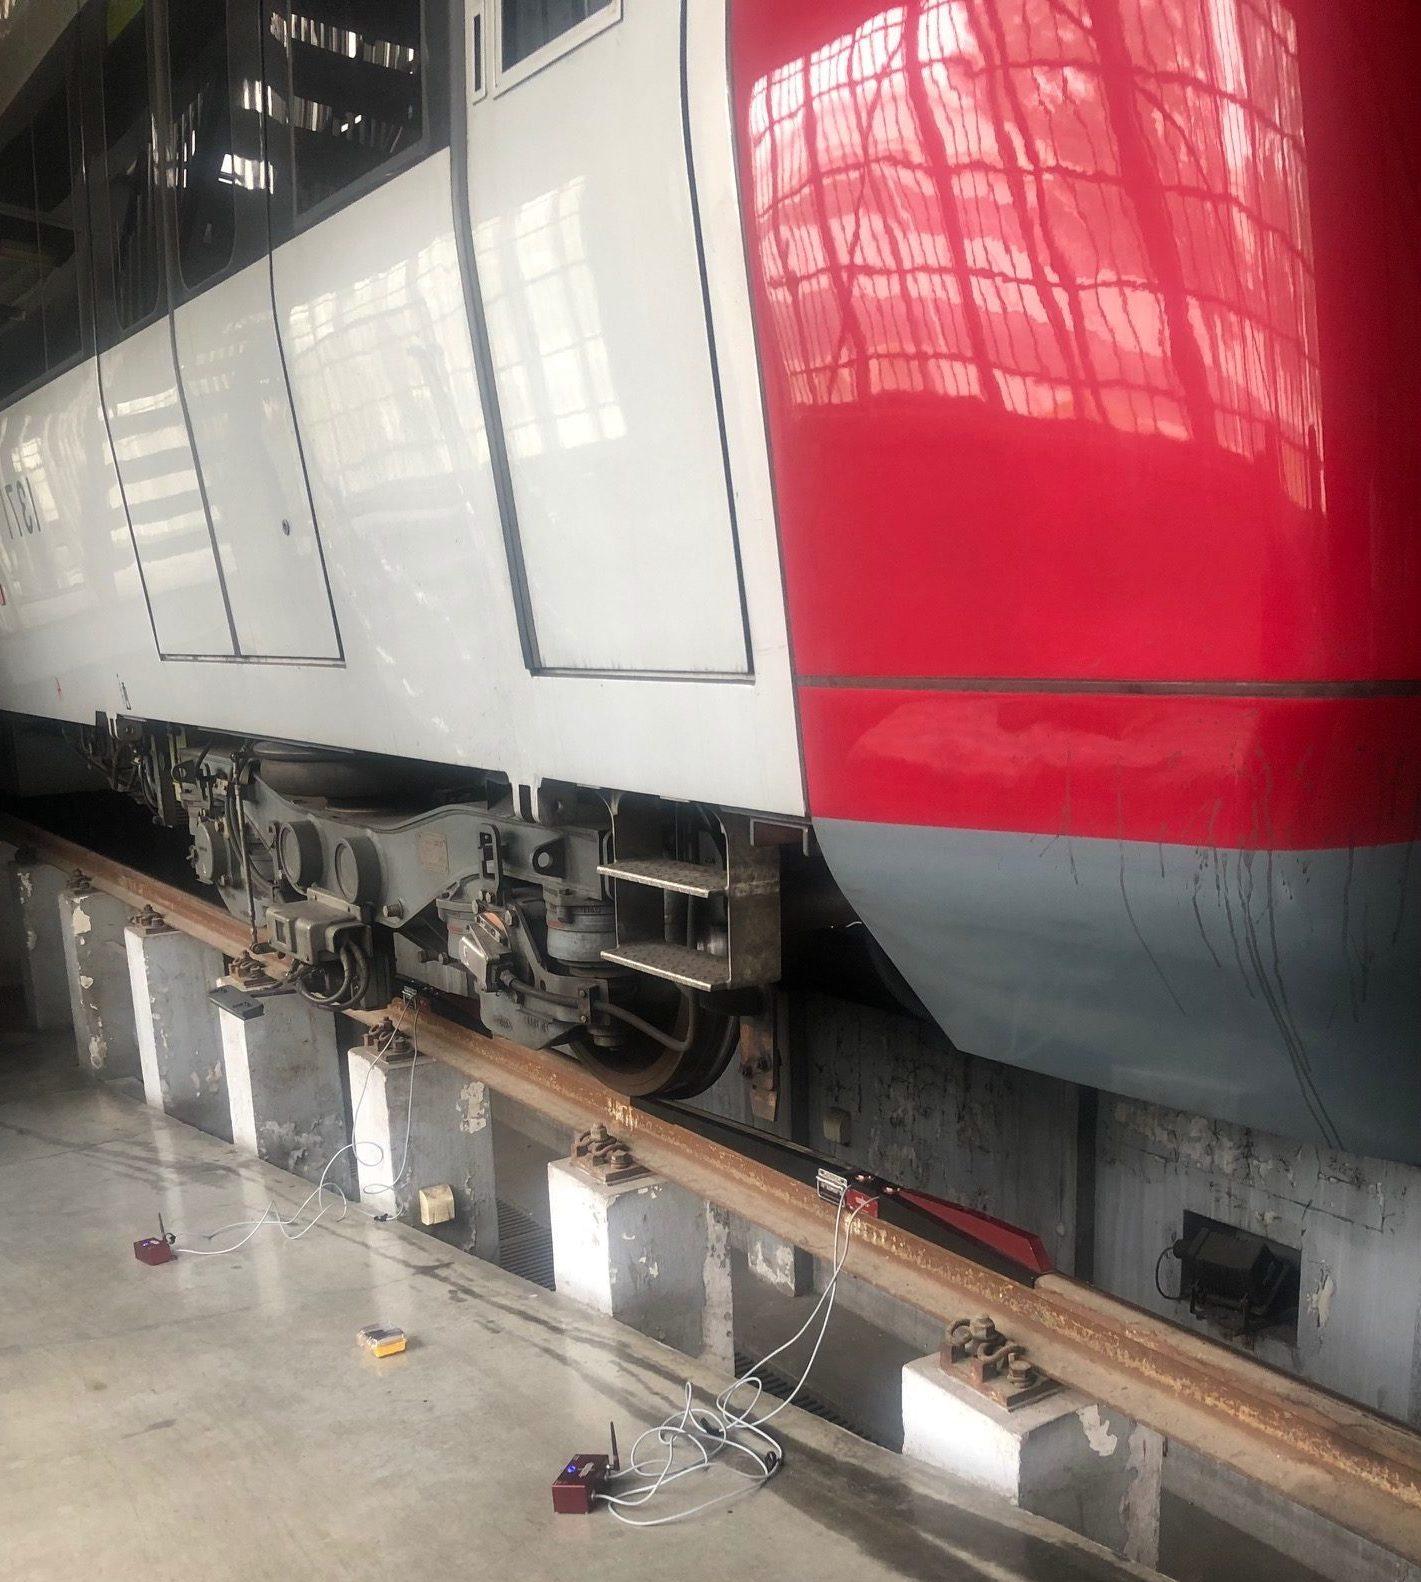 POWERVE per il livellamento treno